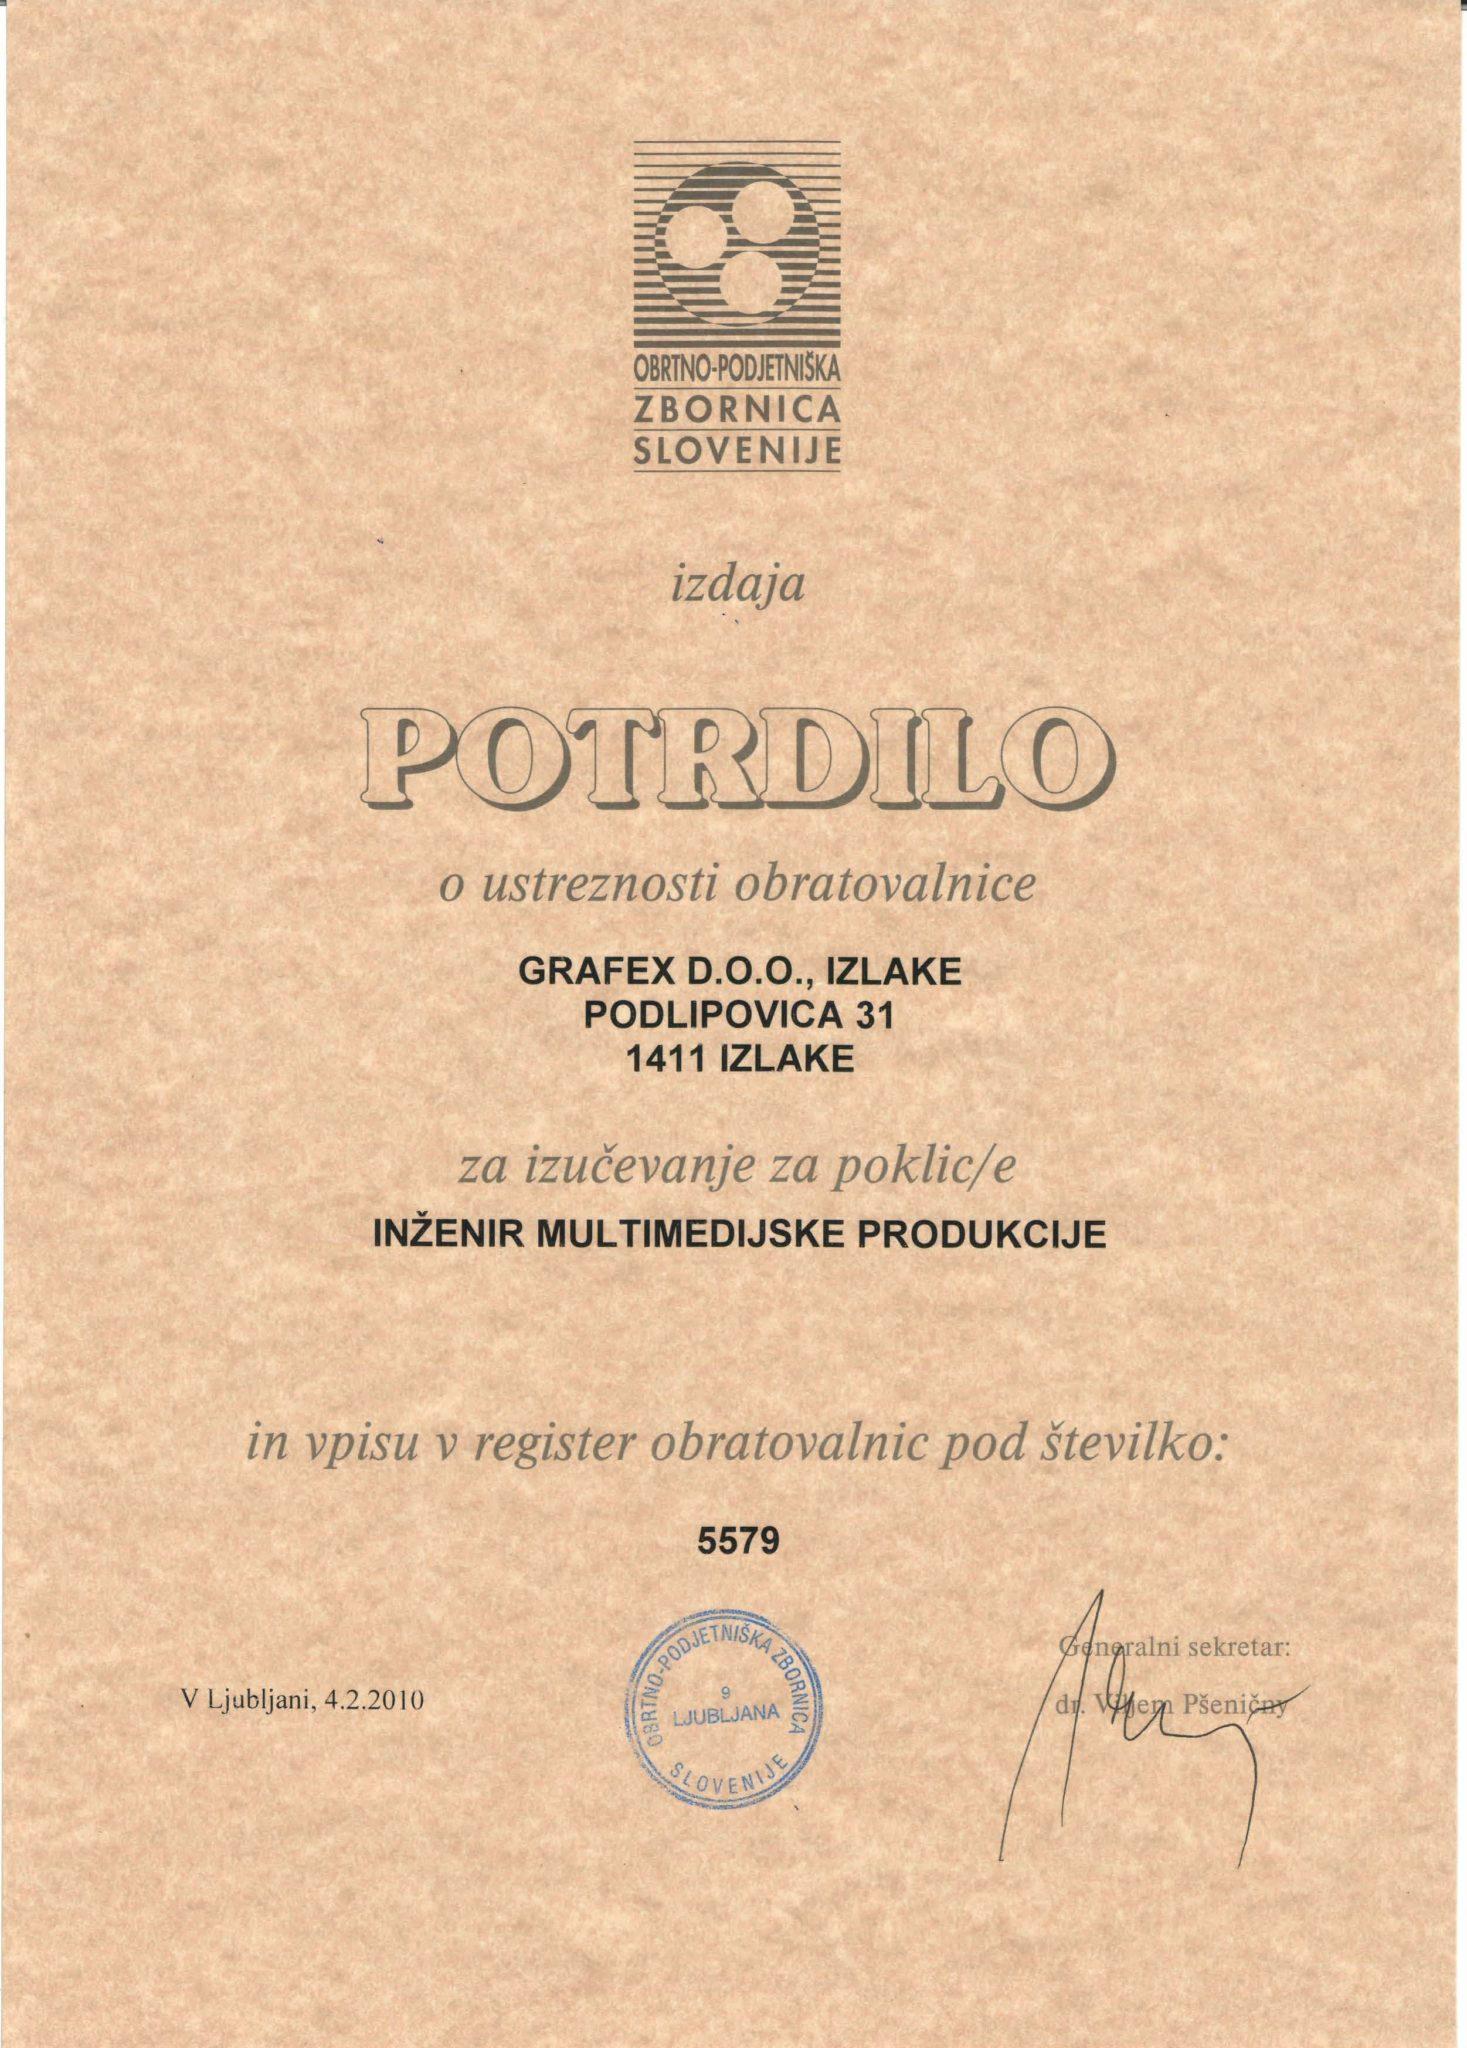 Grafex je dobil verifikacijo za izučevanje poklica inženirja multimedijske produkcije